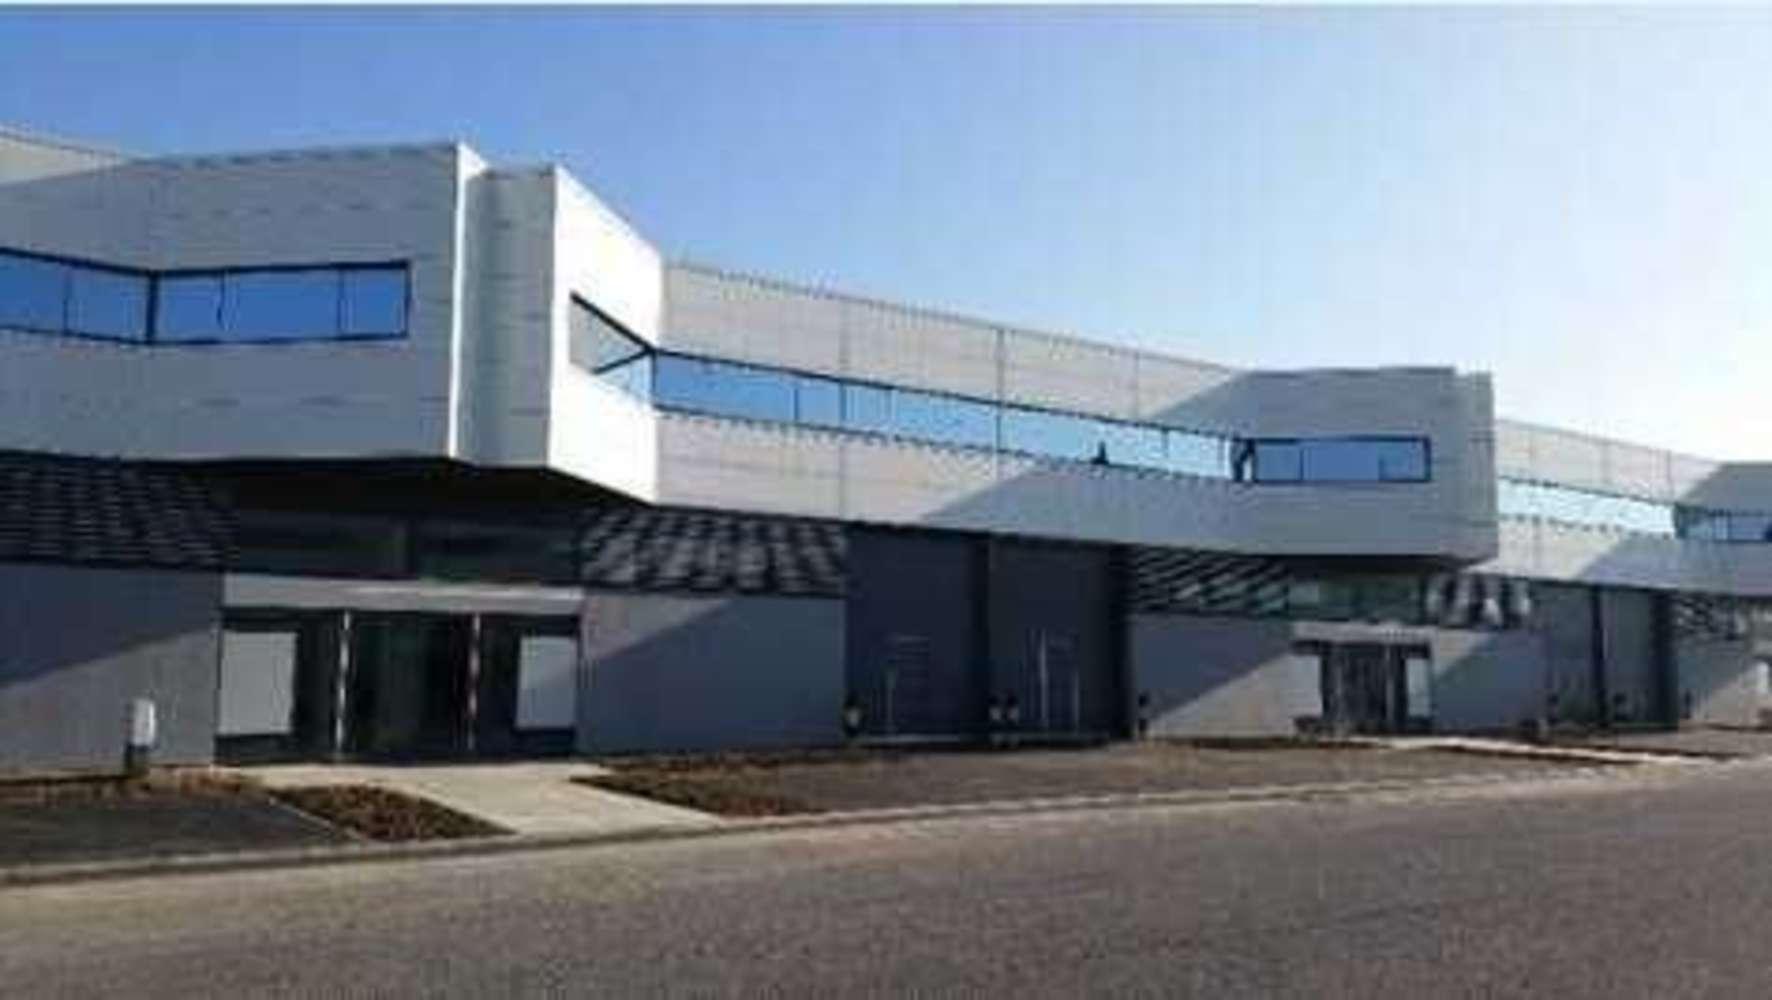 Activités/entrepôt Bonneuil sur marne, 94380 - ZAC DES PETITS CARREAUX - 9461048